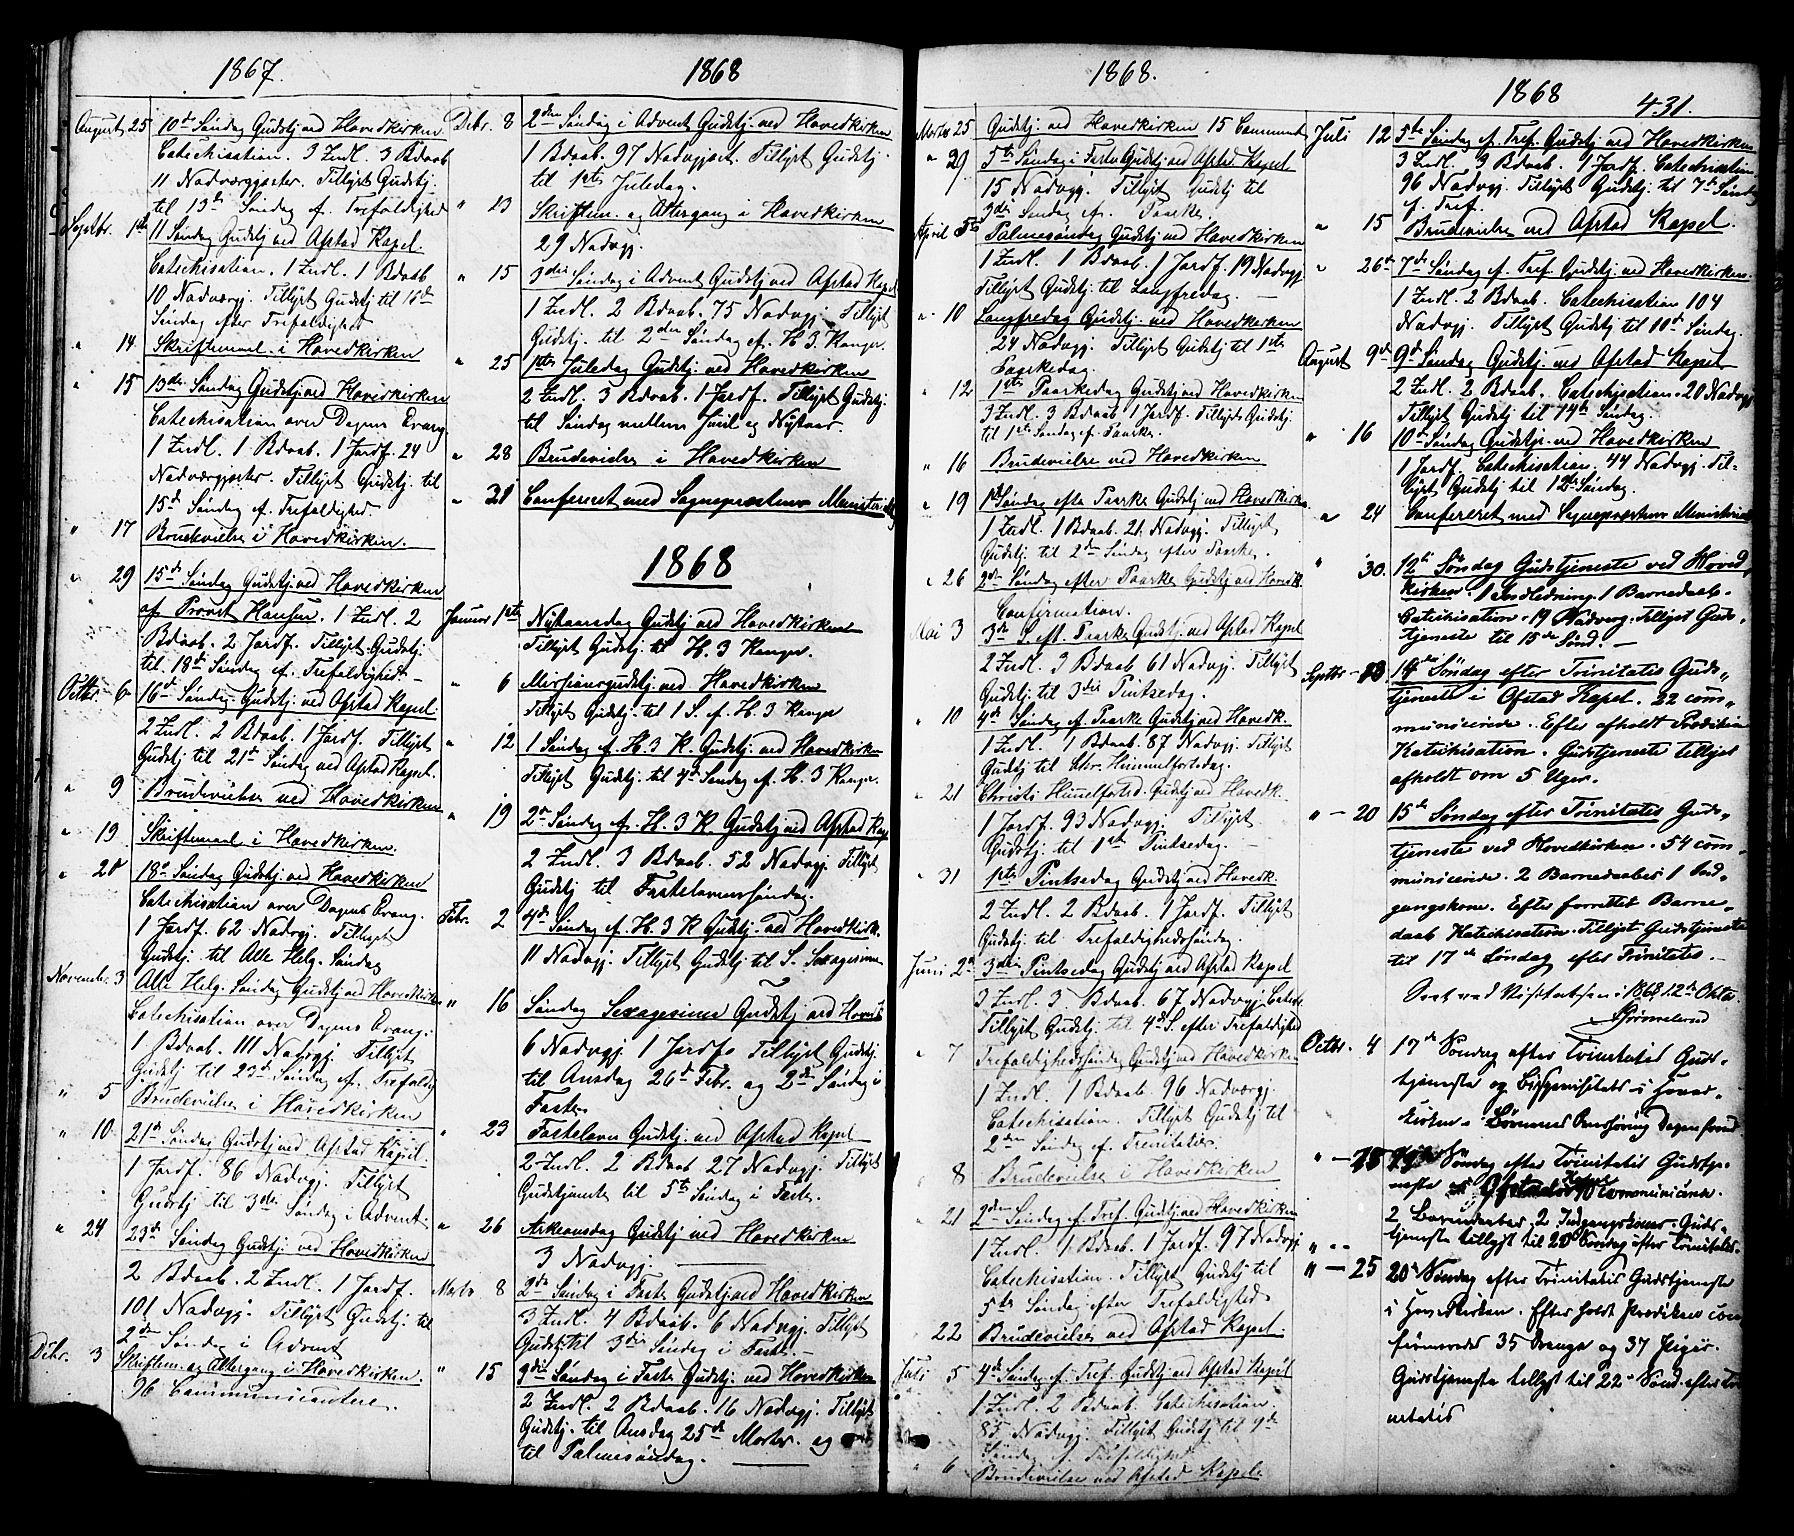 SAT, Ministerialprotokoller, klokkerbøker og fødselsregistre - Sør-Trøndelag, 665/L0777: Klokkerbok nr. 665C02, 1867-1915, s. 431